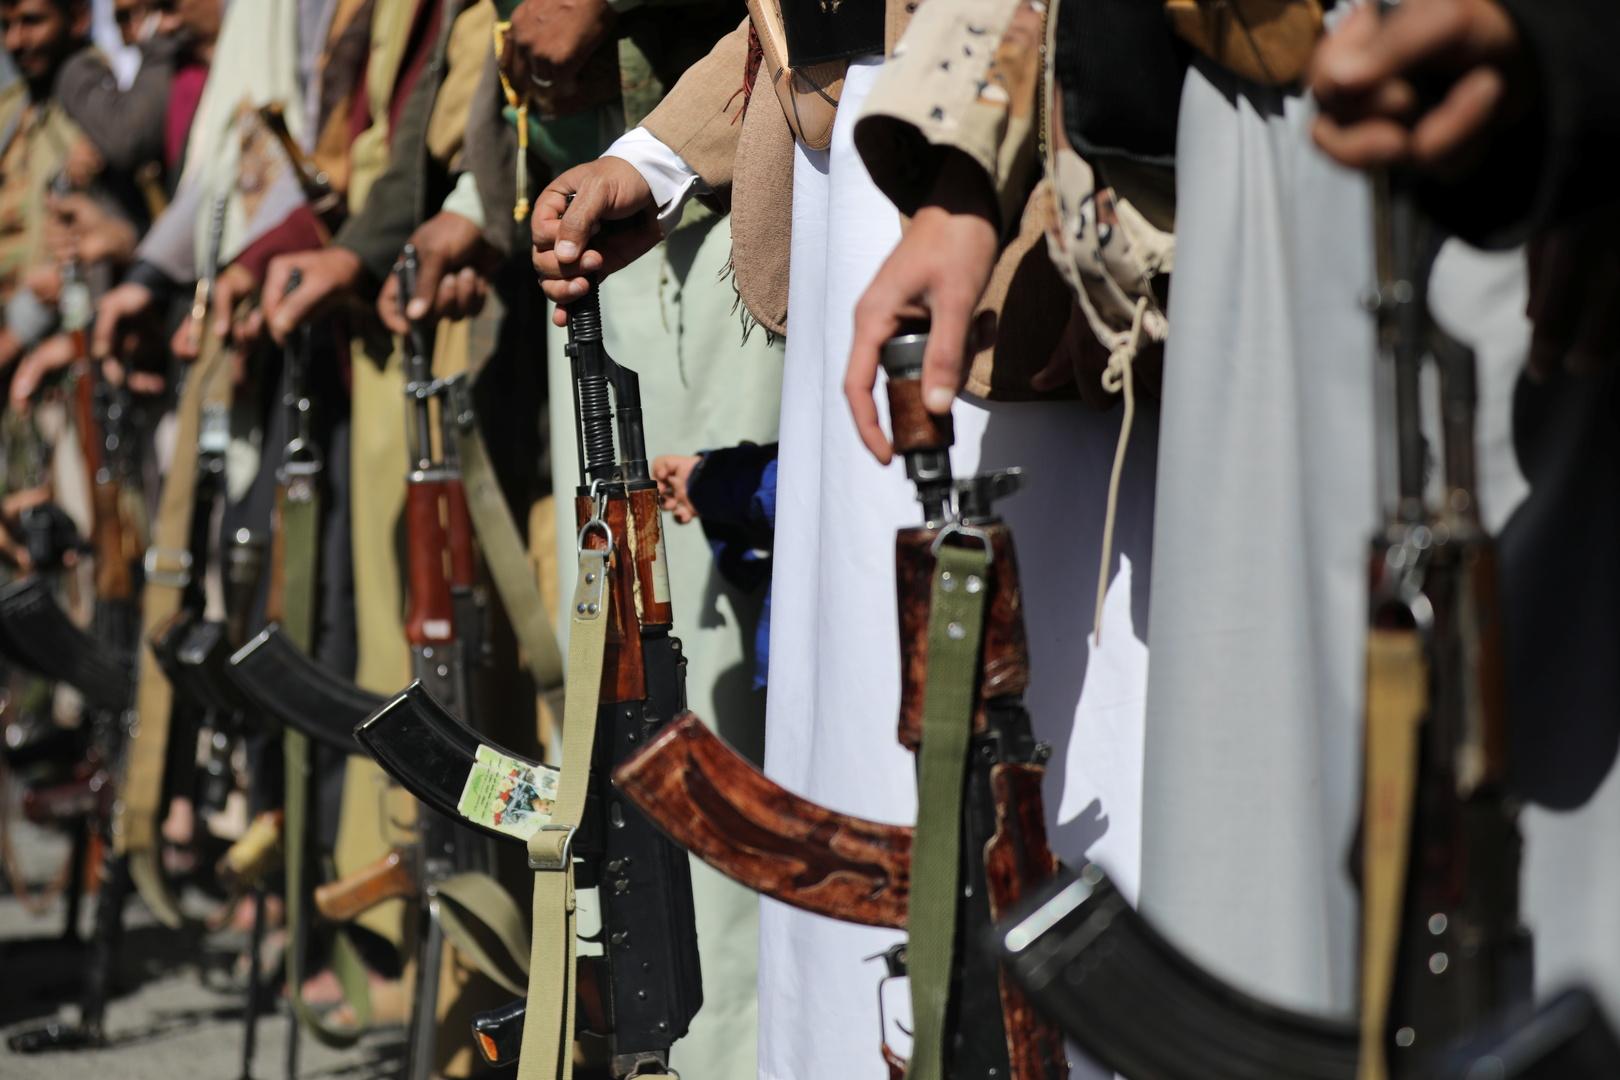 الحوثيون: مستعدون لوقف العمليات العسكرية في العمق السعودي ومأرب مقابل وقف الحرب ورفع الحصار